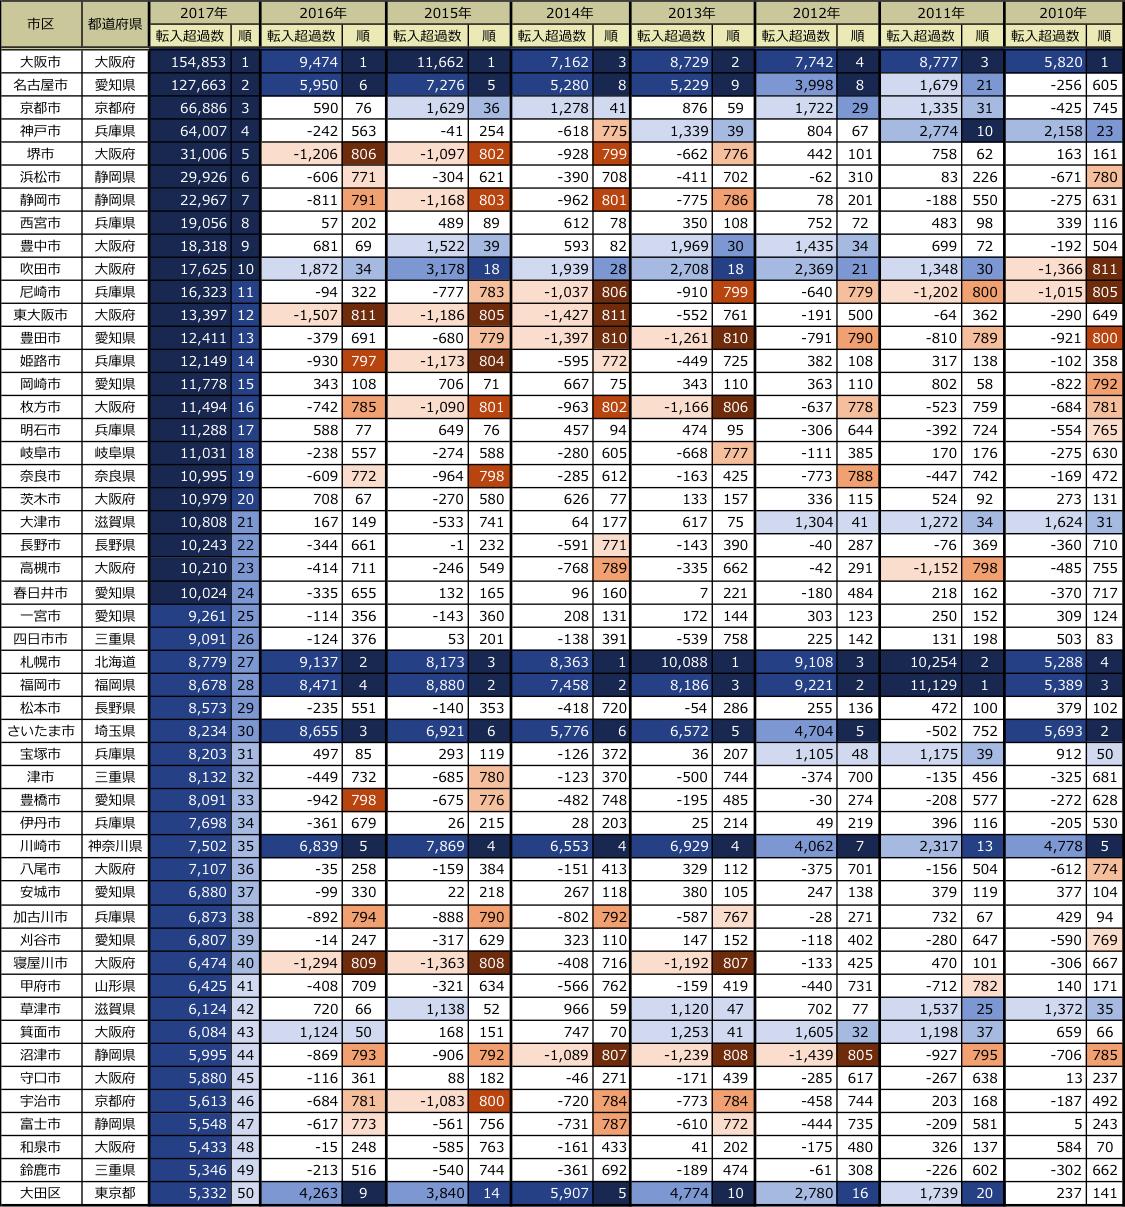 180309 コラム図表3